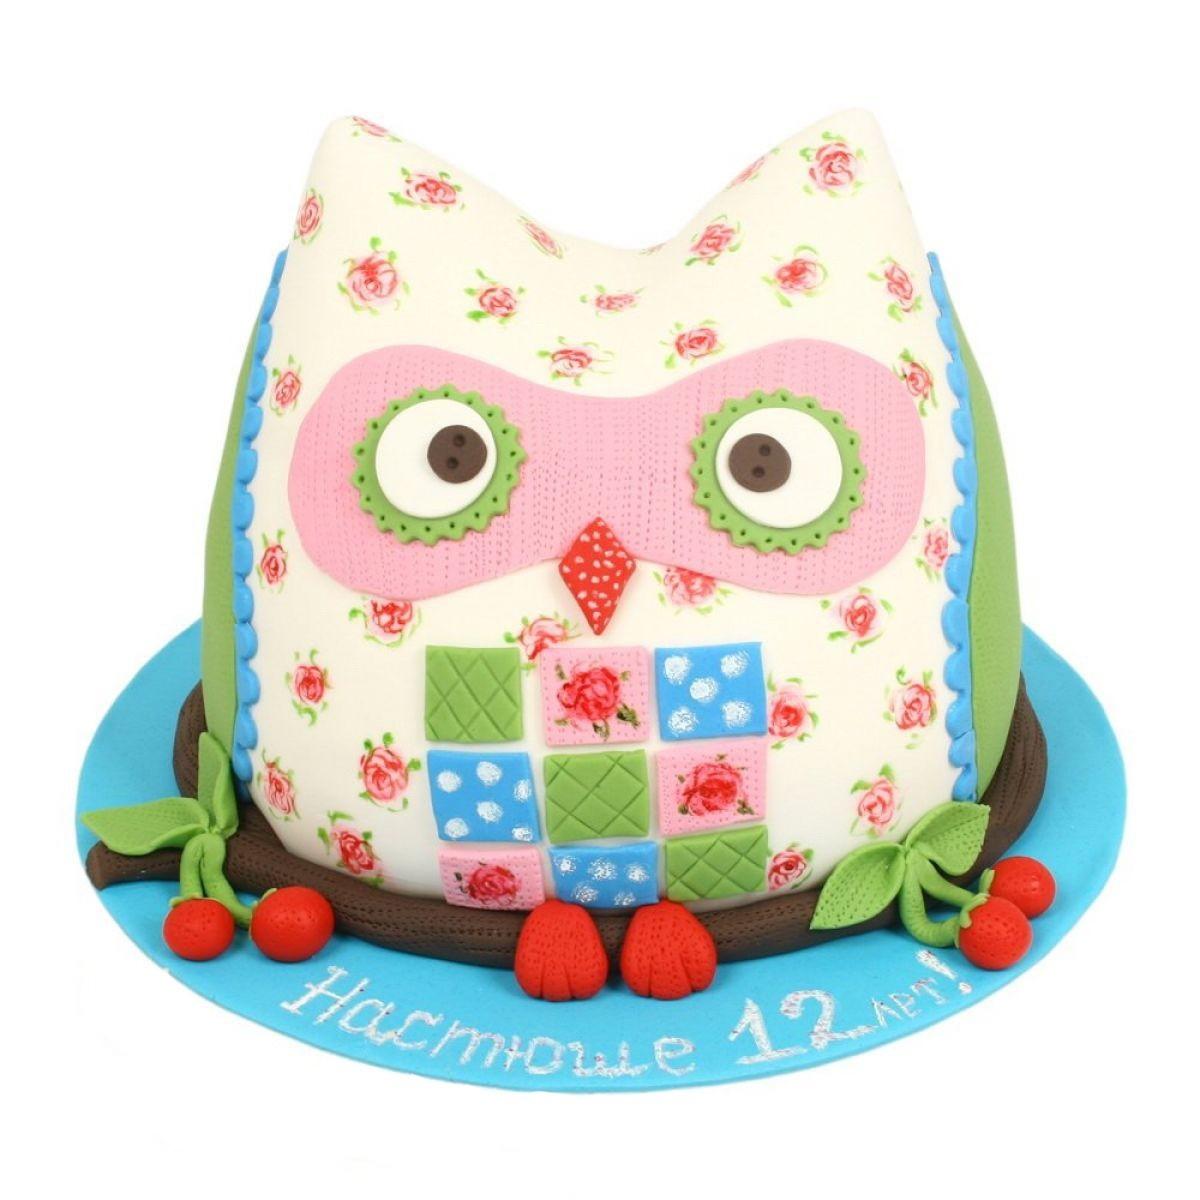 №1053 Торт сова